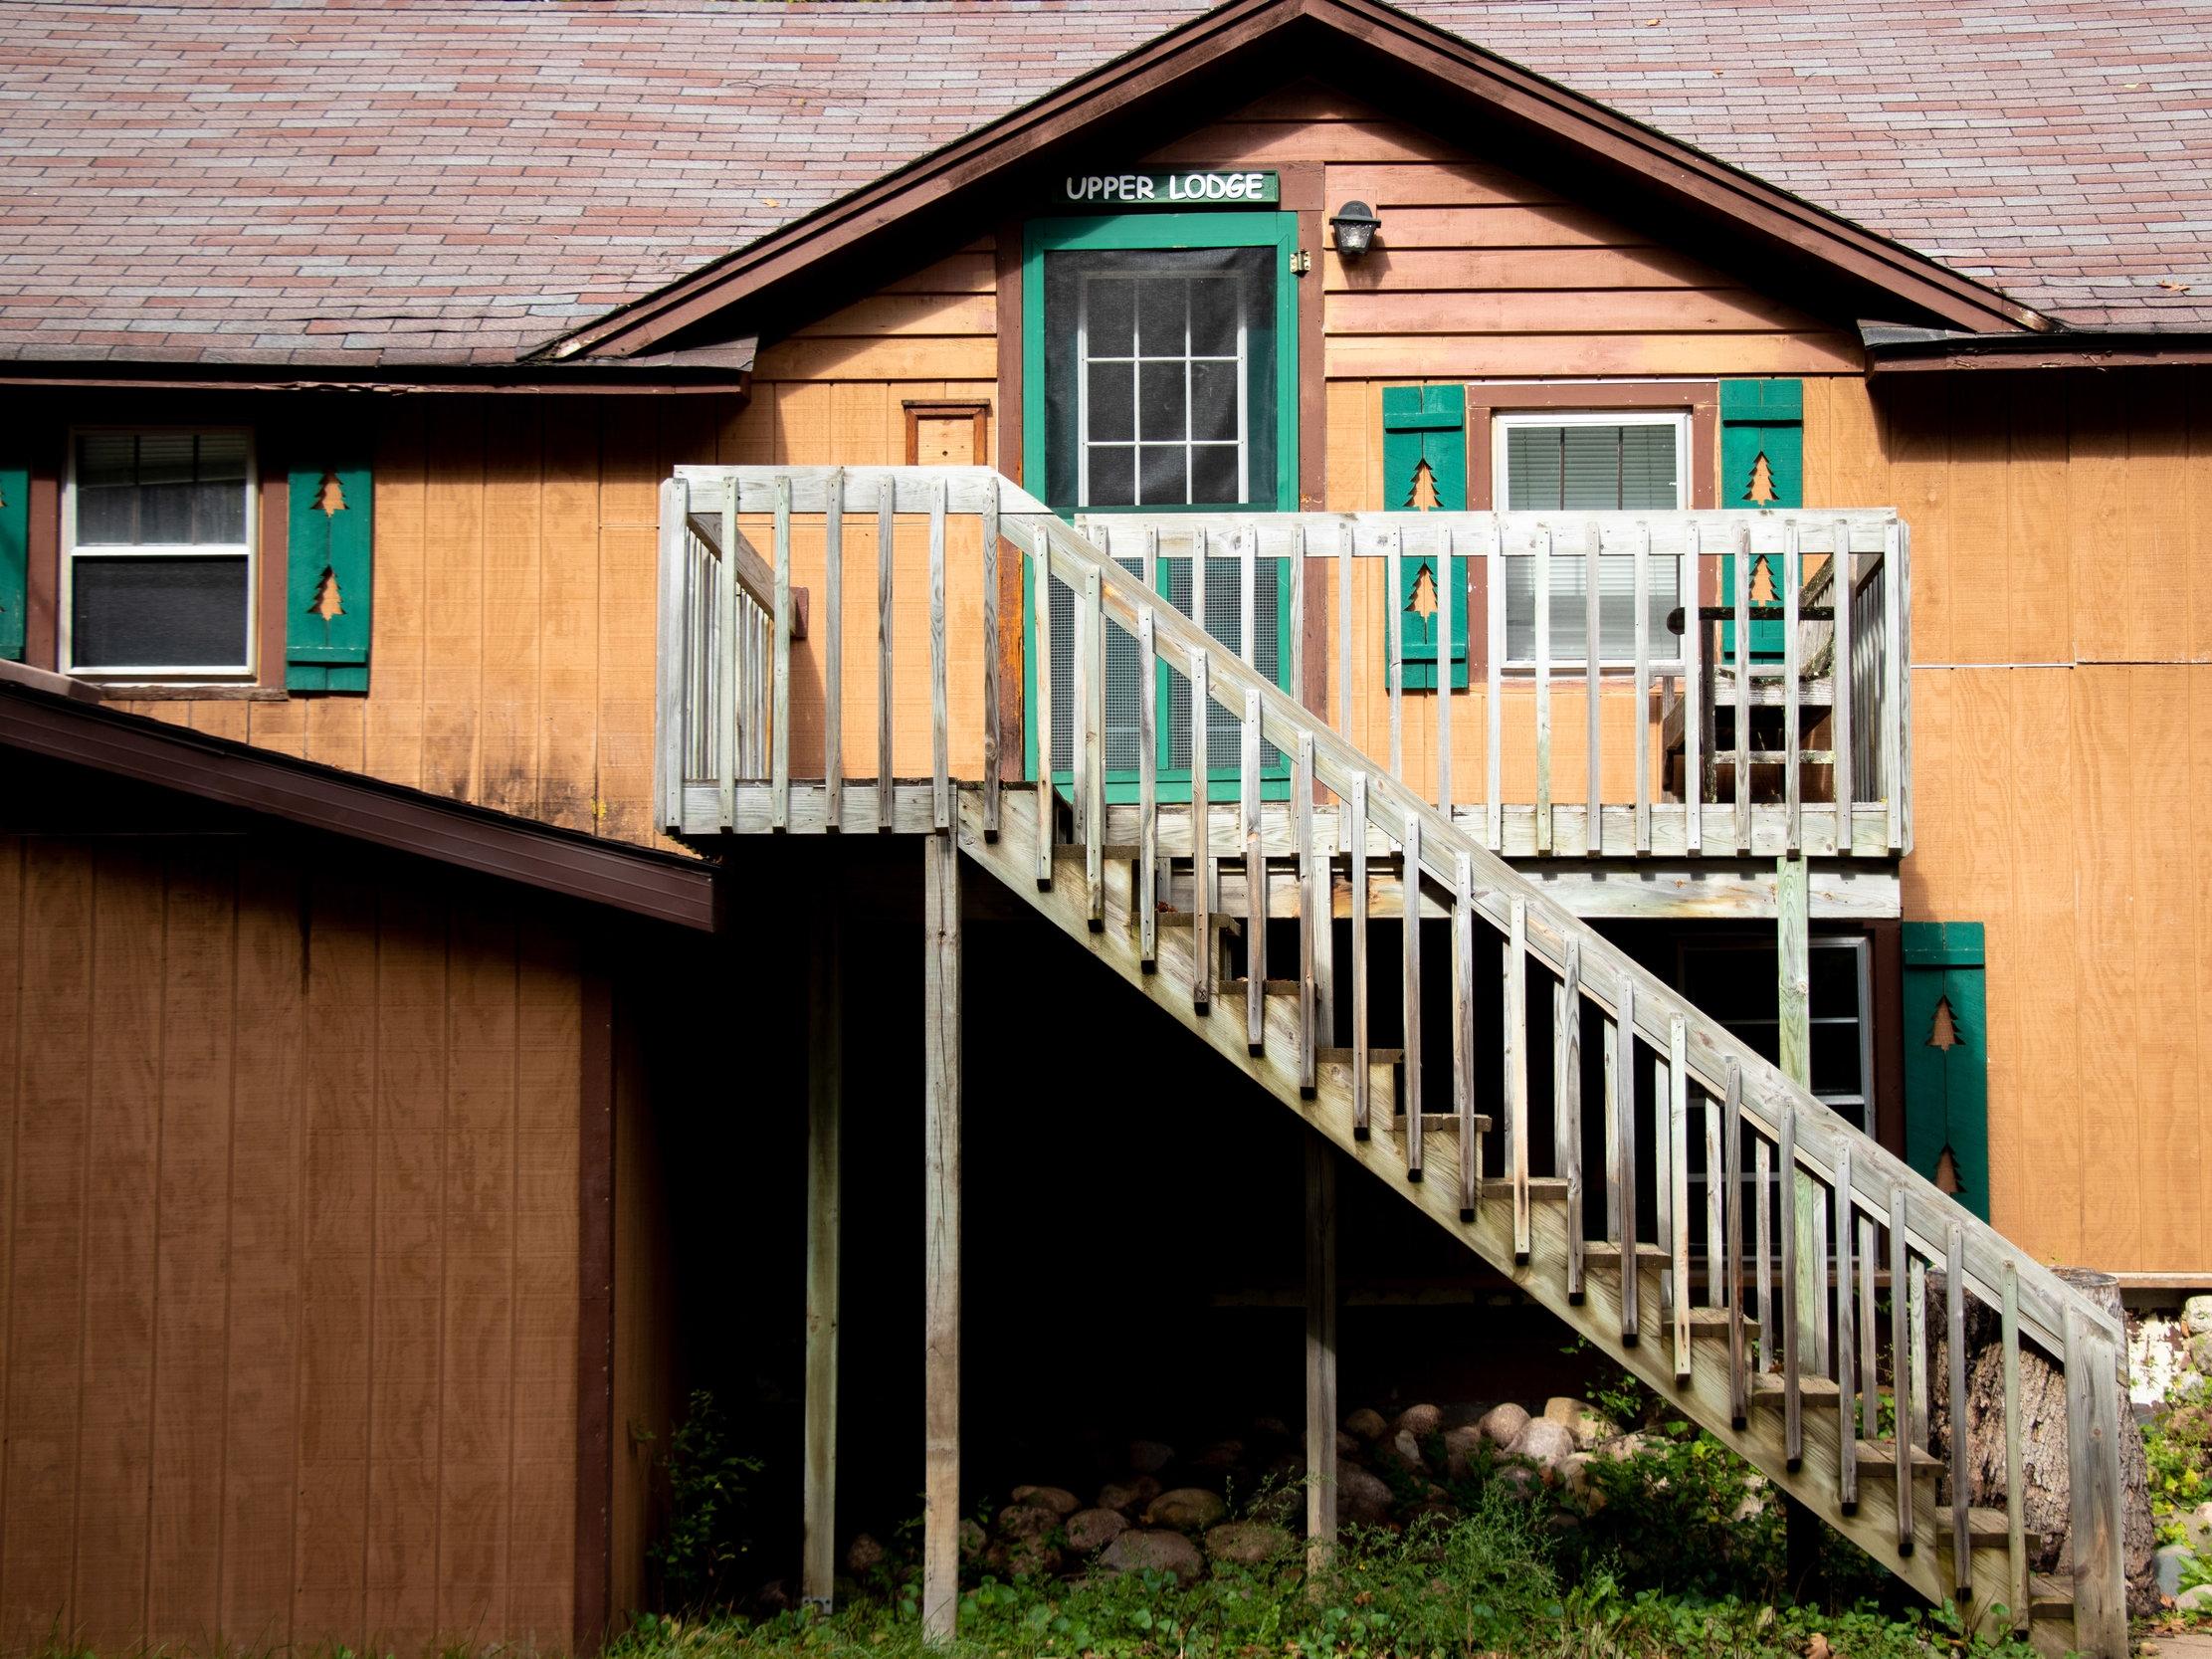 Upper Lodge